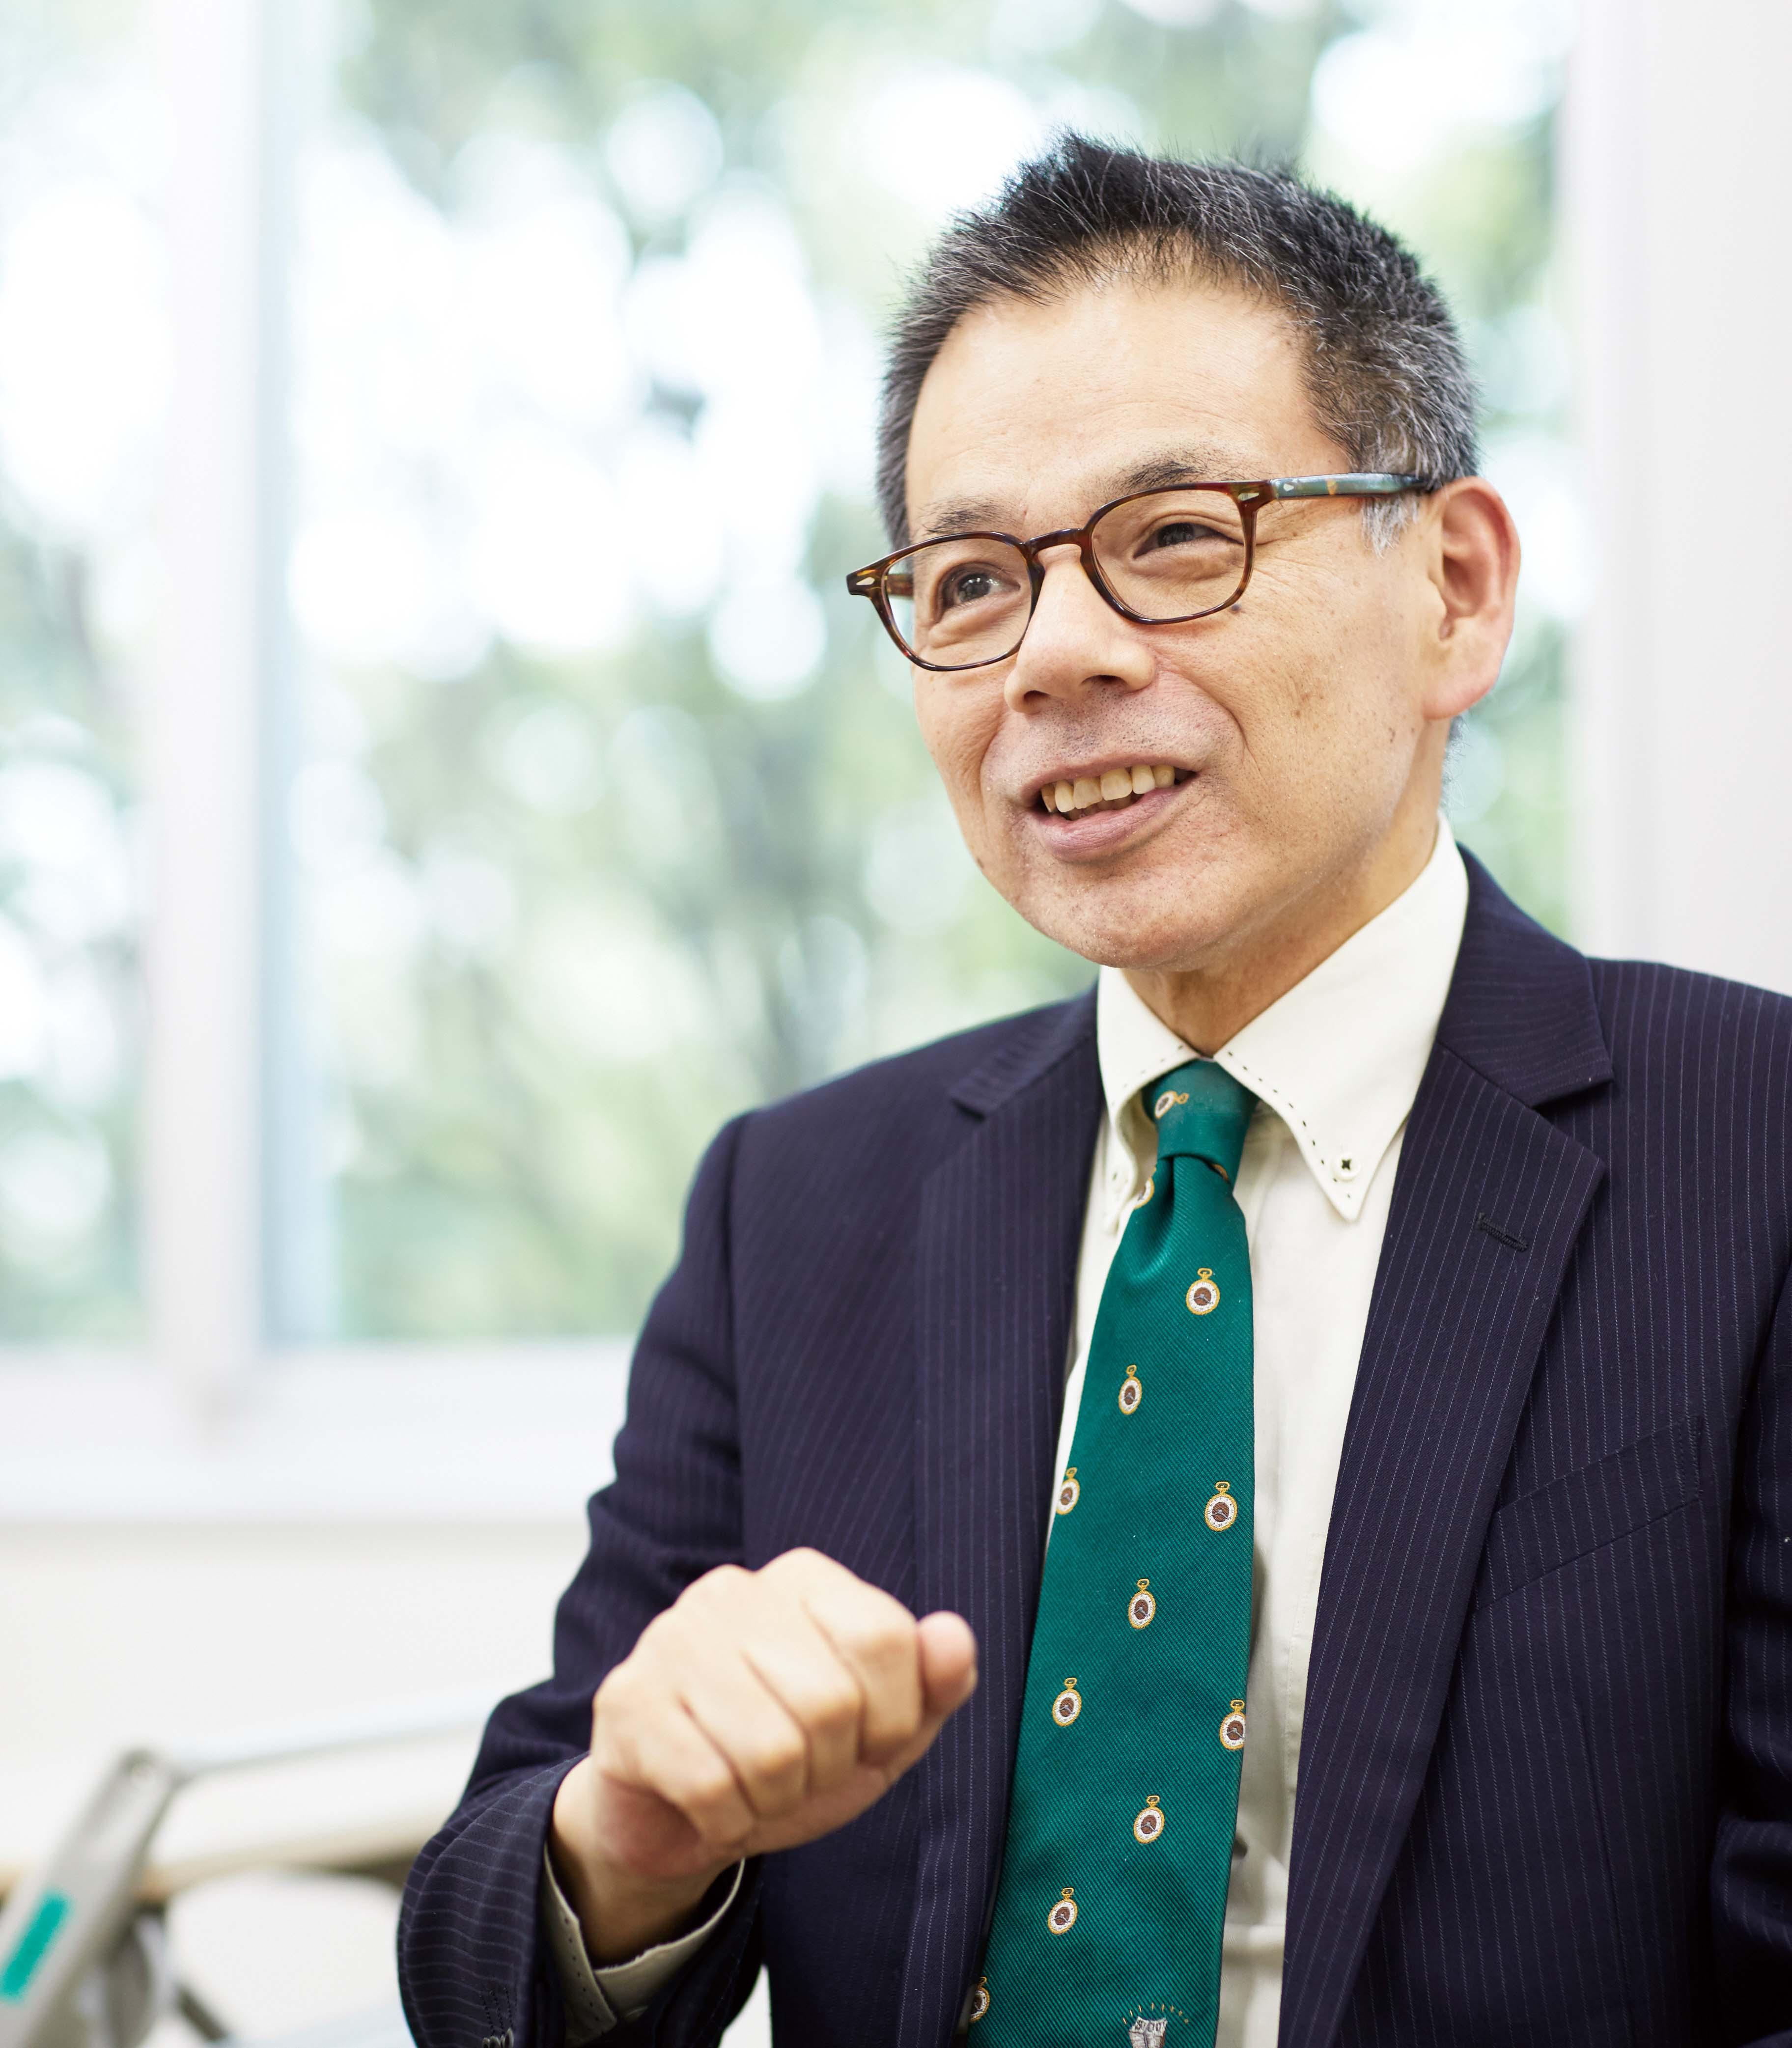 内田 浩樹グローバルコミュニケーション実践研究科長の写真